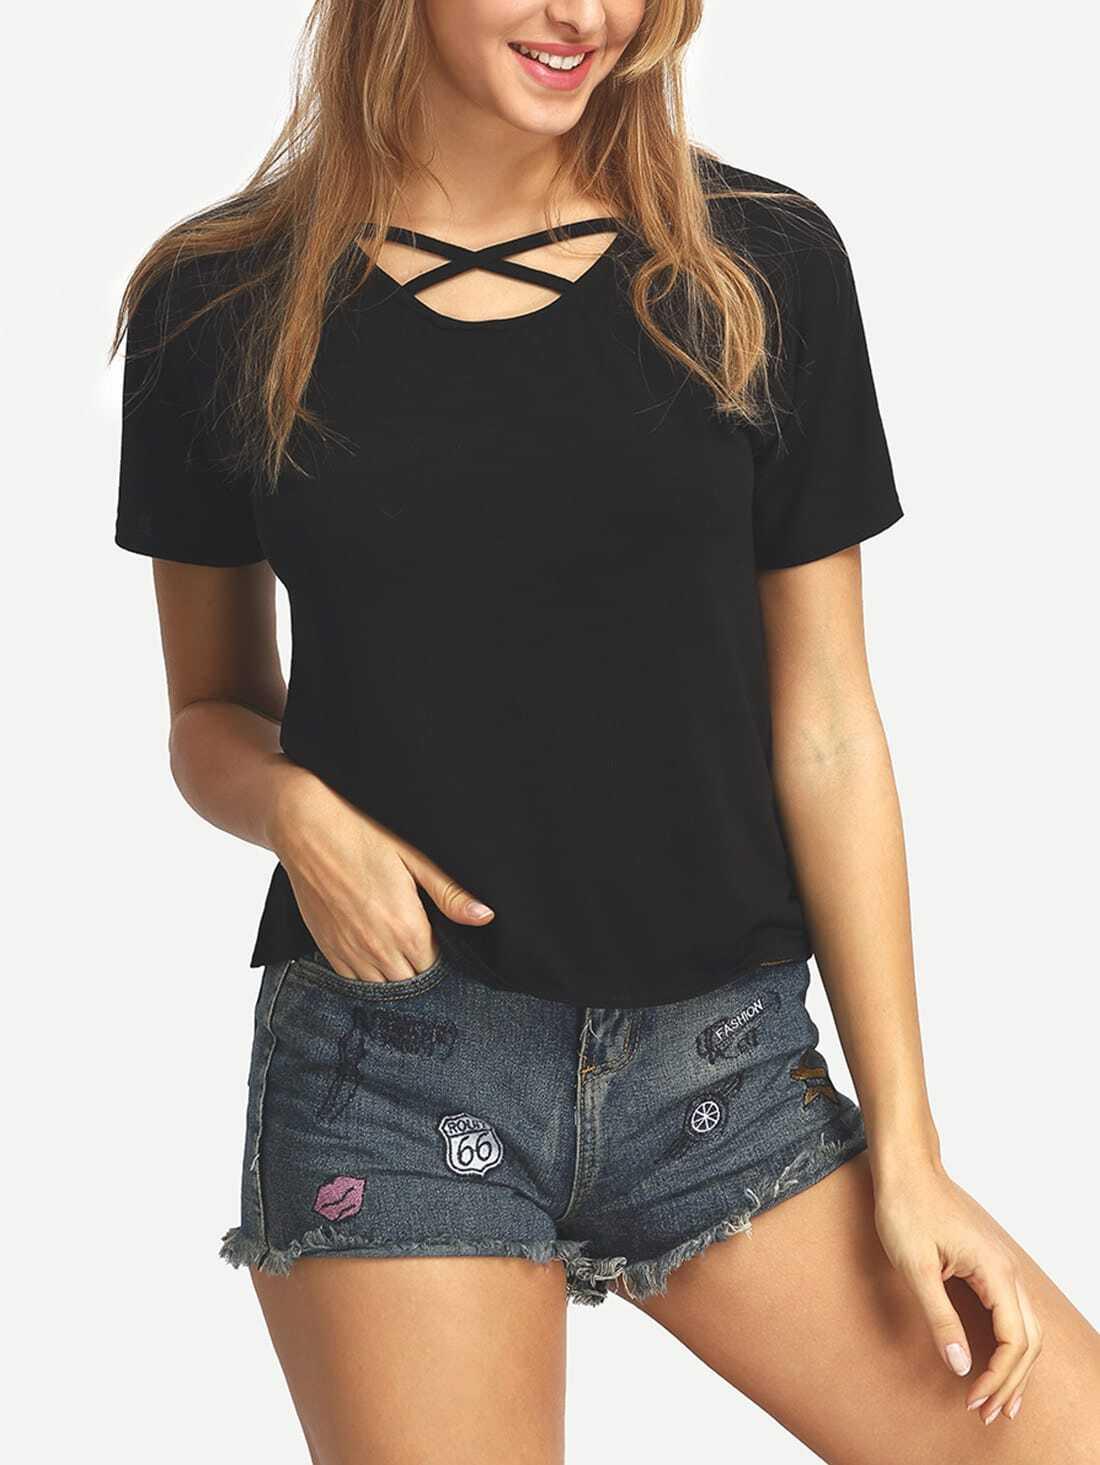 Womens Tunic Shirts